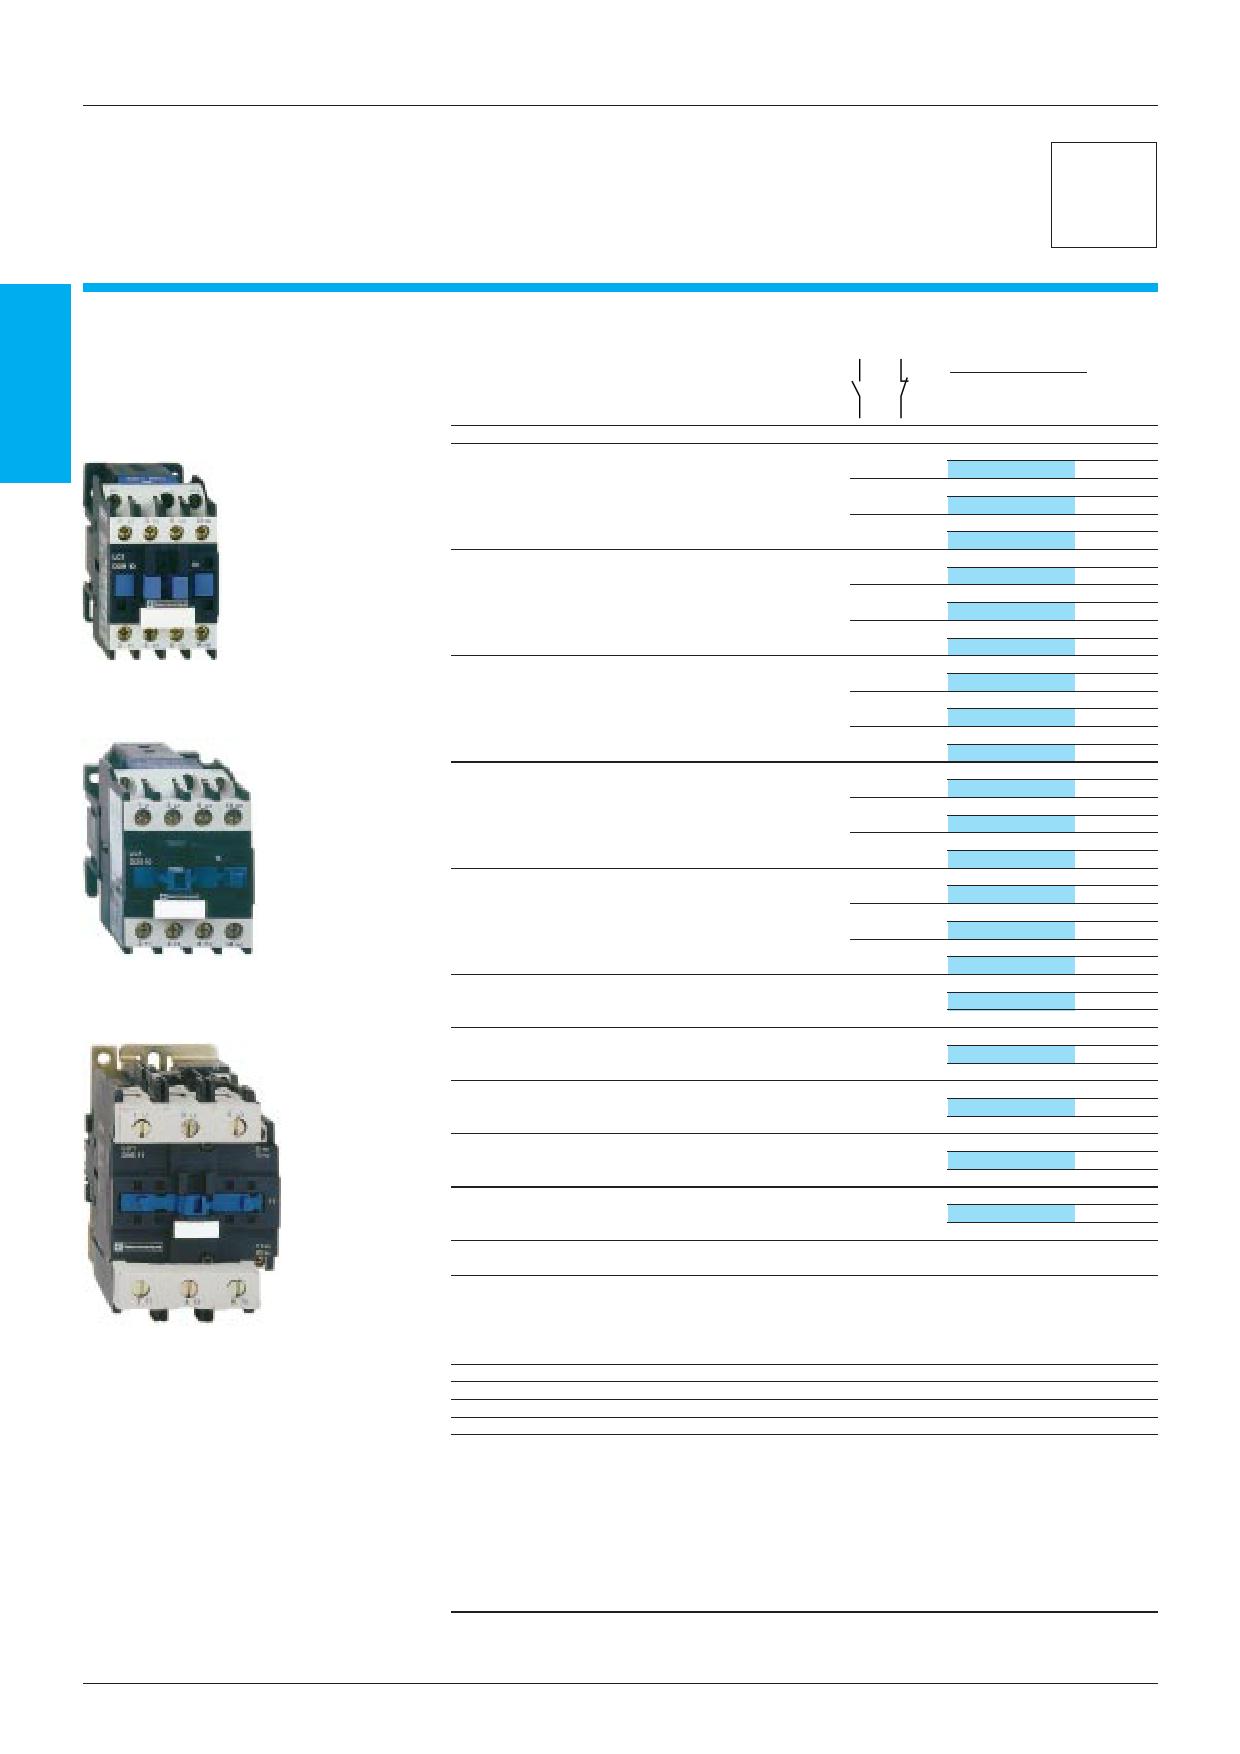 LC1-D1201xx datasheet